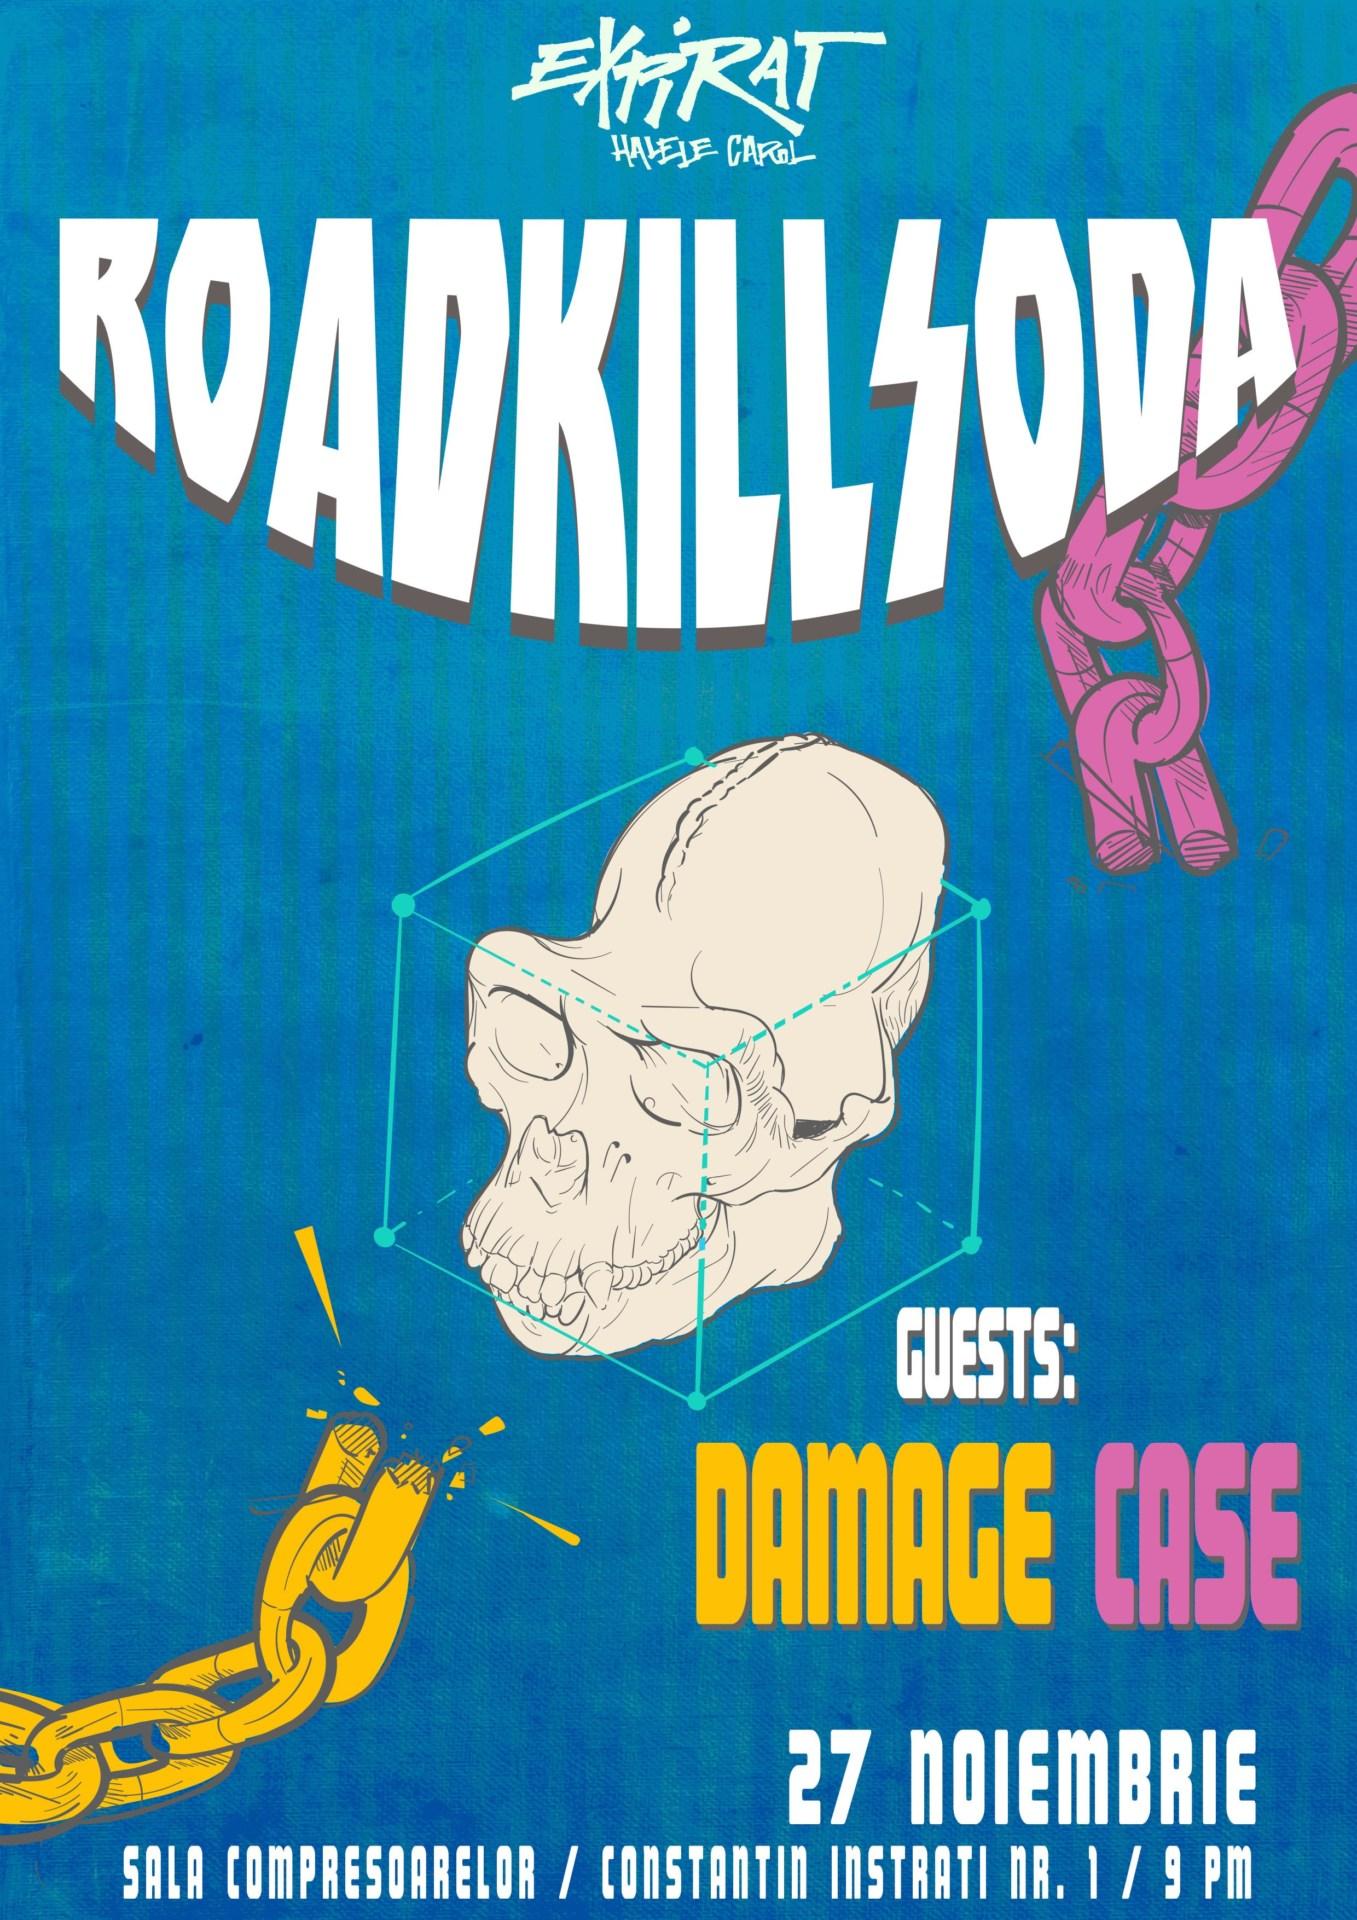 ROADKILLSODA ȘI DAMAGE CASE LIVE @ EXPIRAT PE 27 NOIEMBRIE